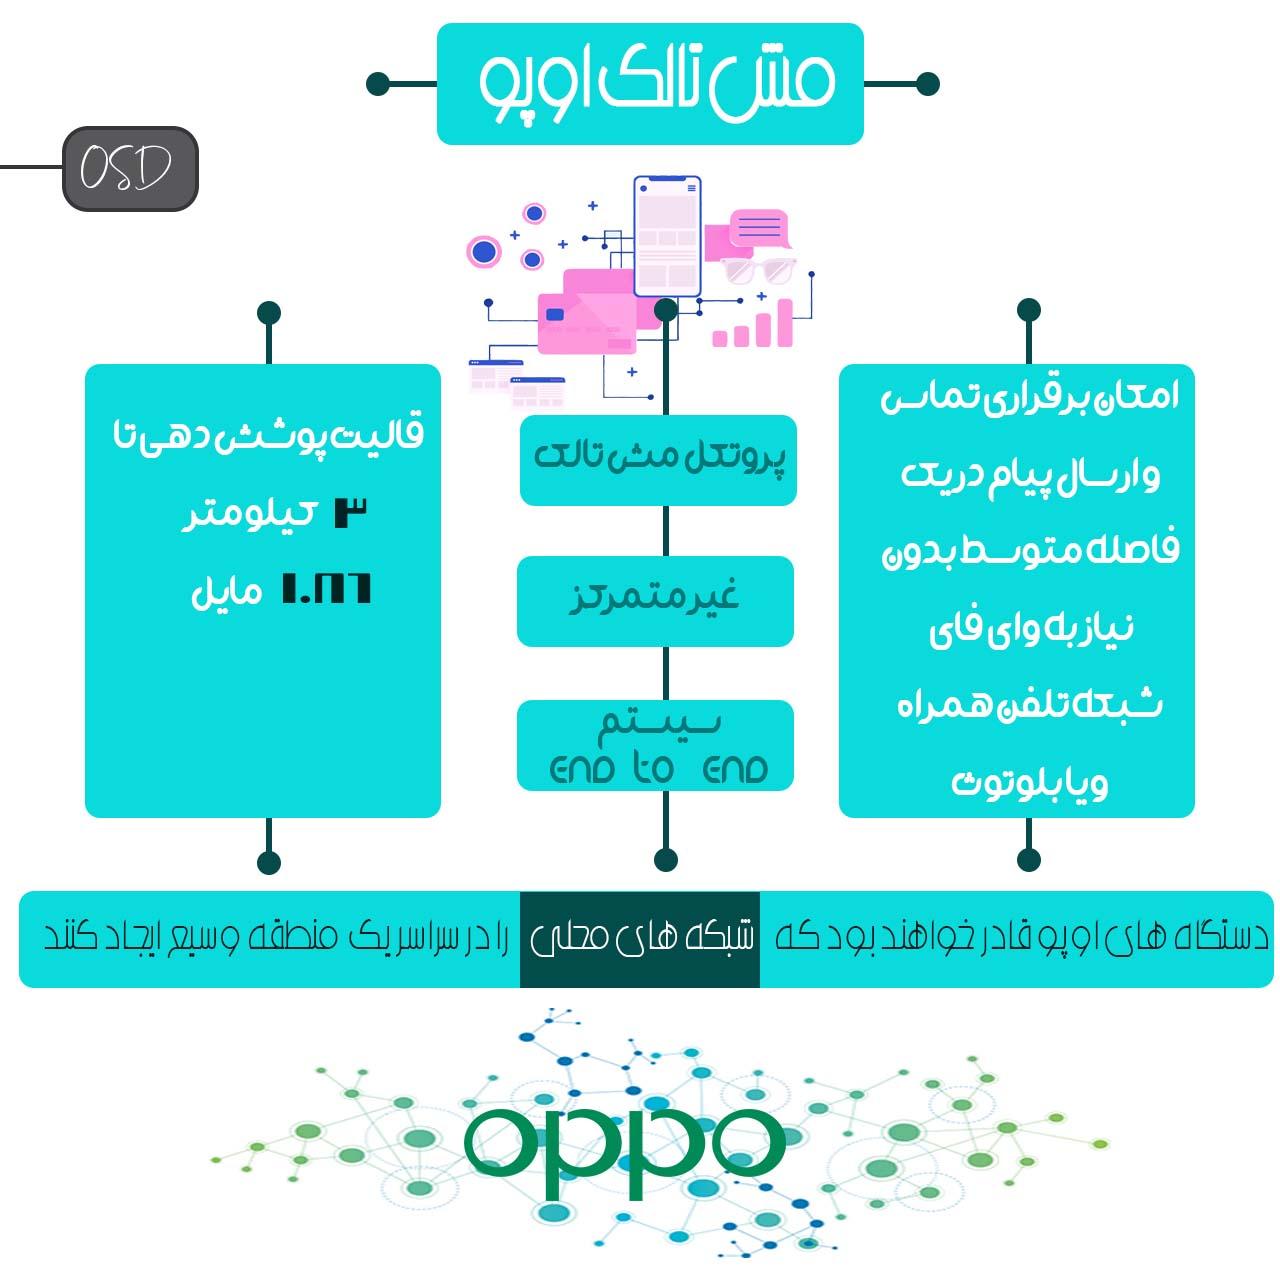 مش تالک اوپو  Oppo به شما اجازه تماس گرفتن و چت کردن بدون وای فای یا شبکه های تلفن همراه را می دهد